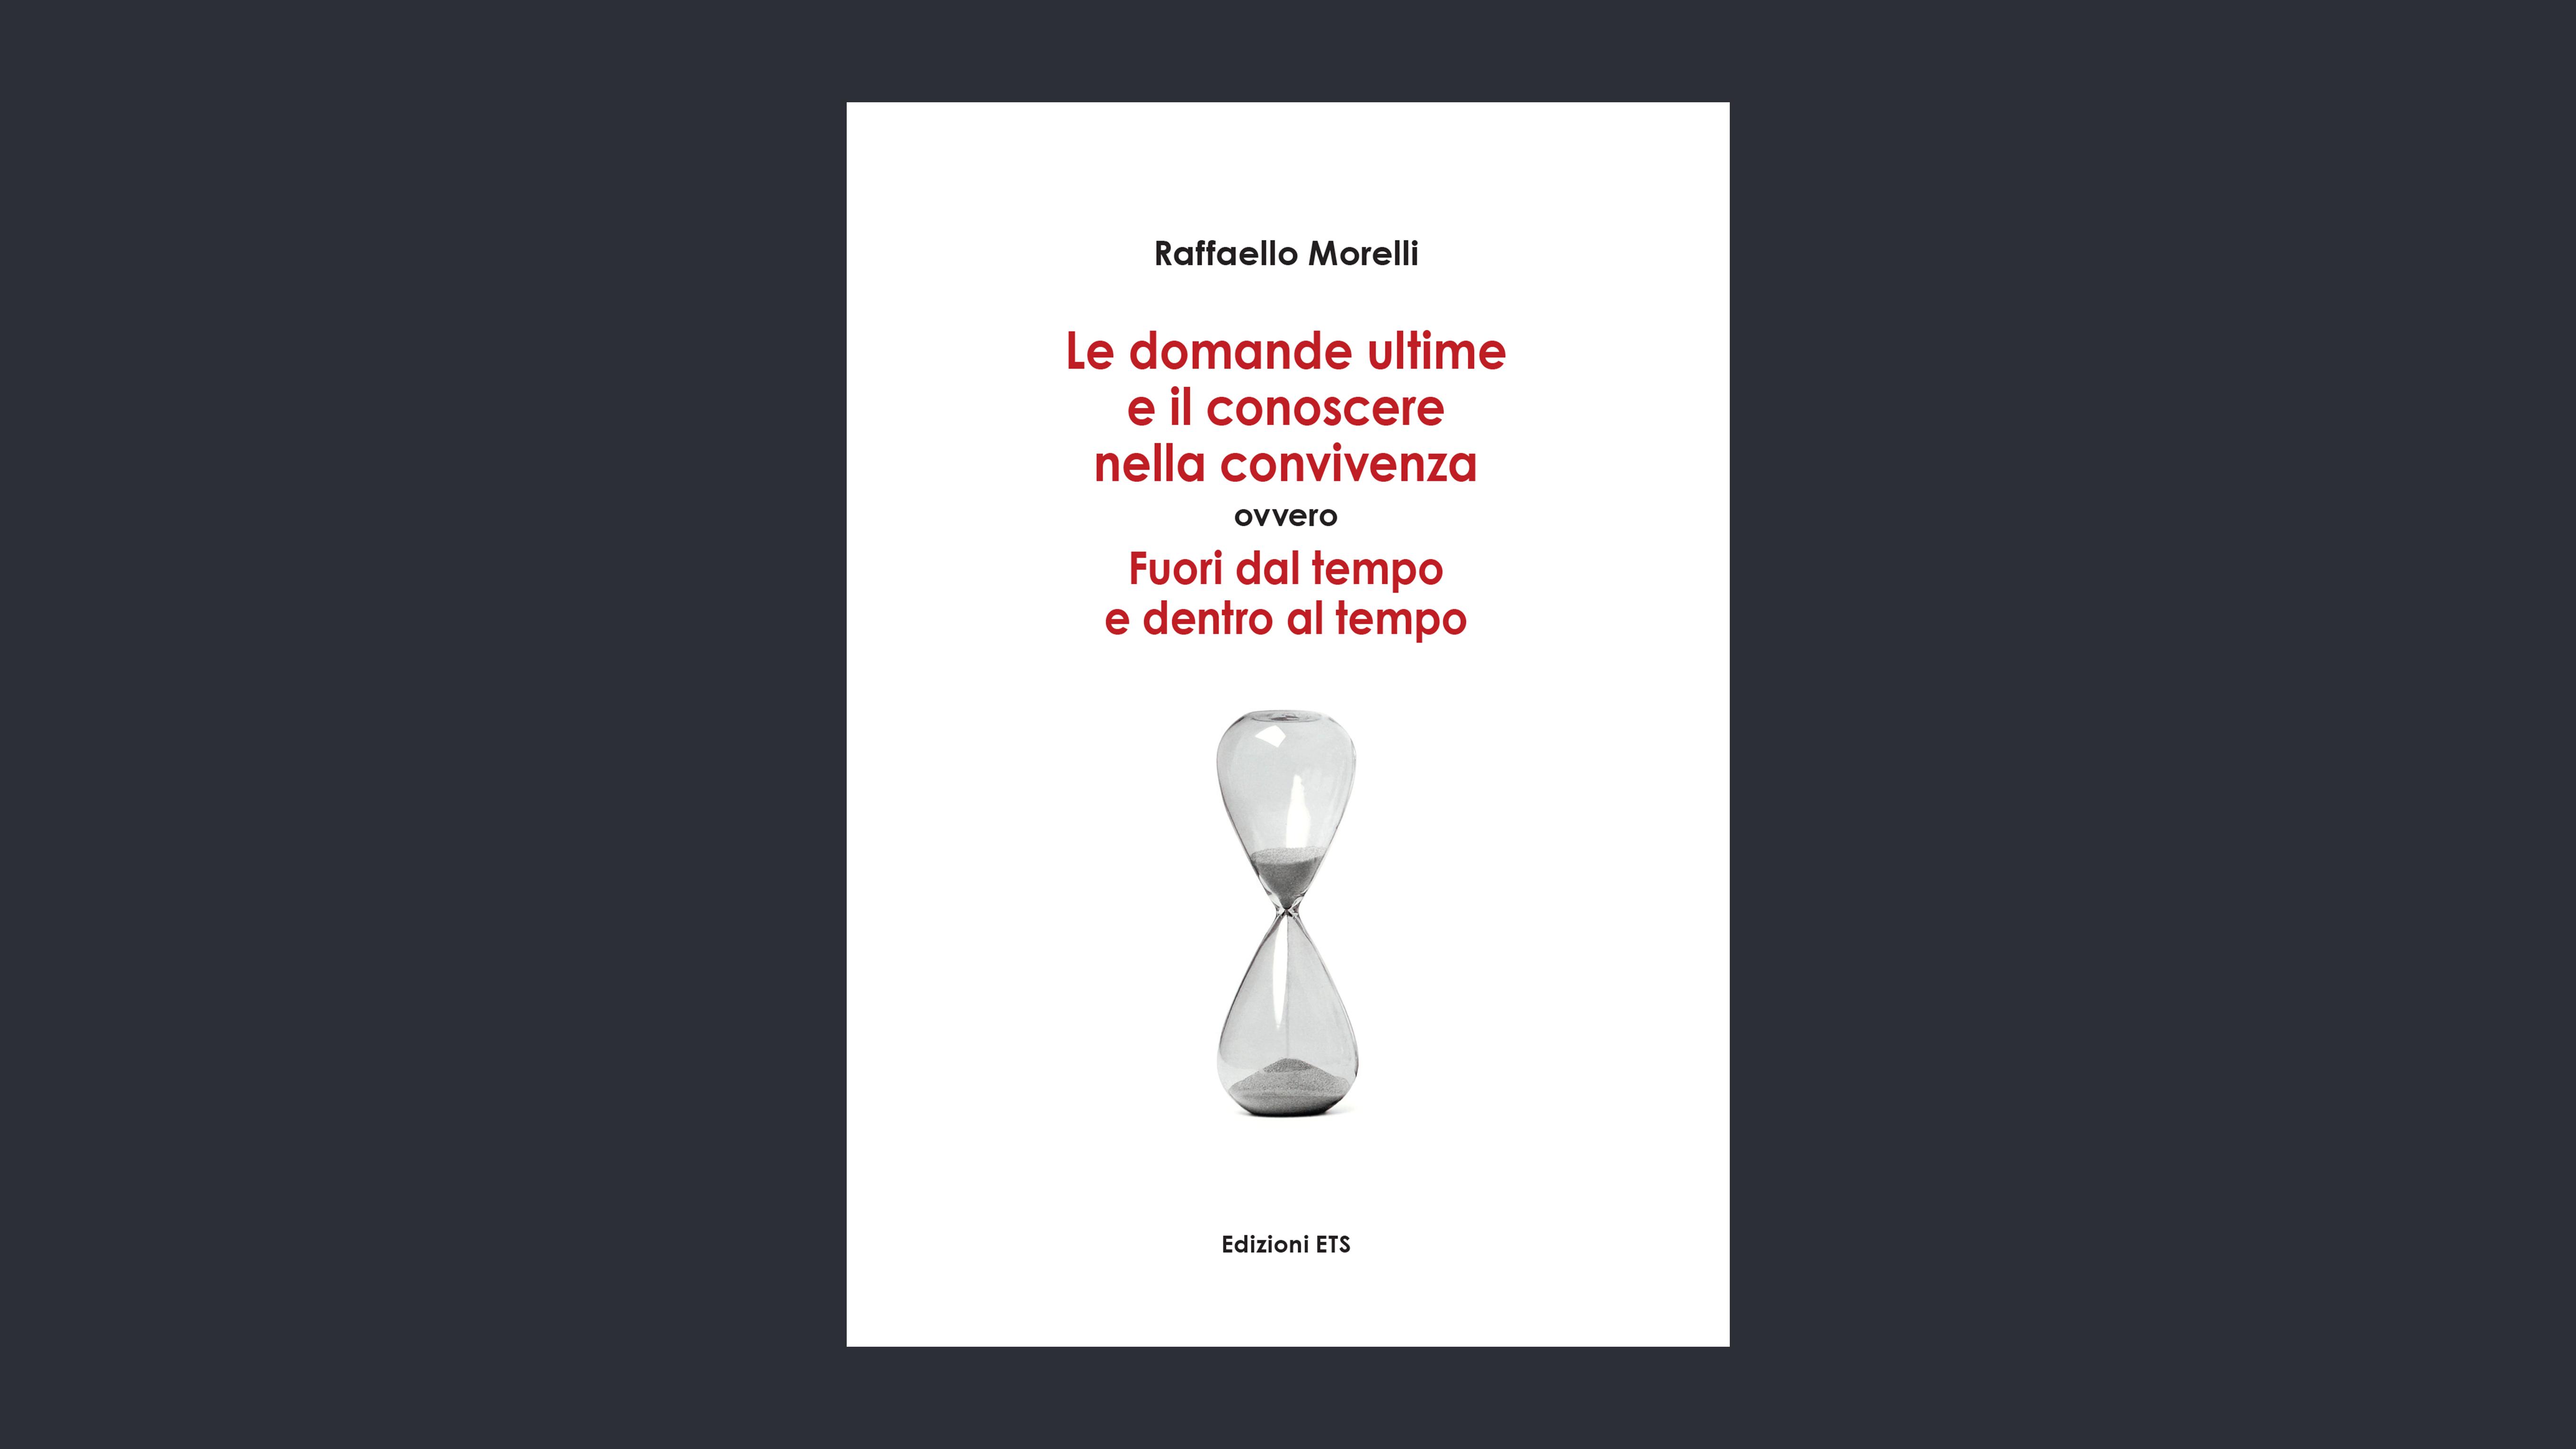 Le domande ultime e il conoscere nella convivenza – Raffaello Morelli